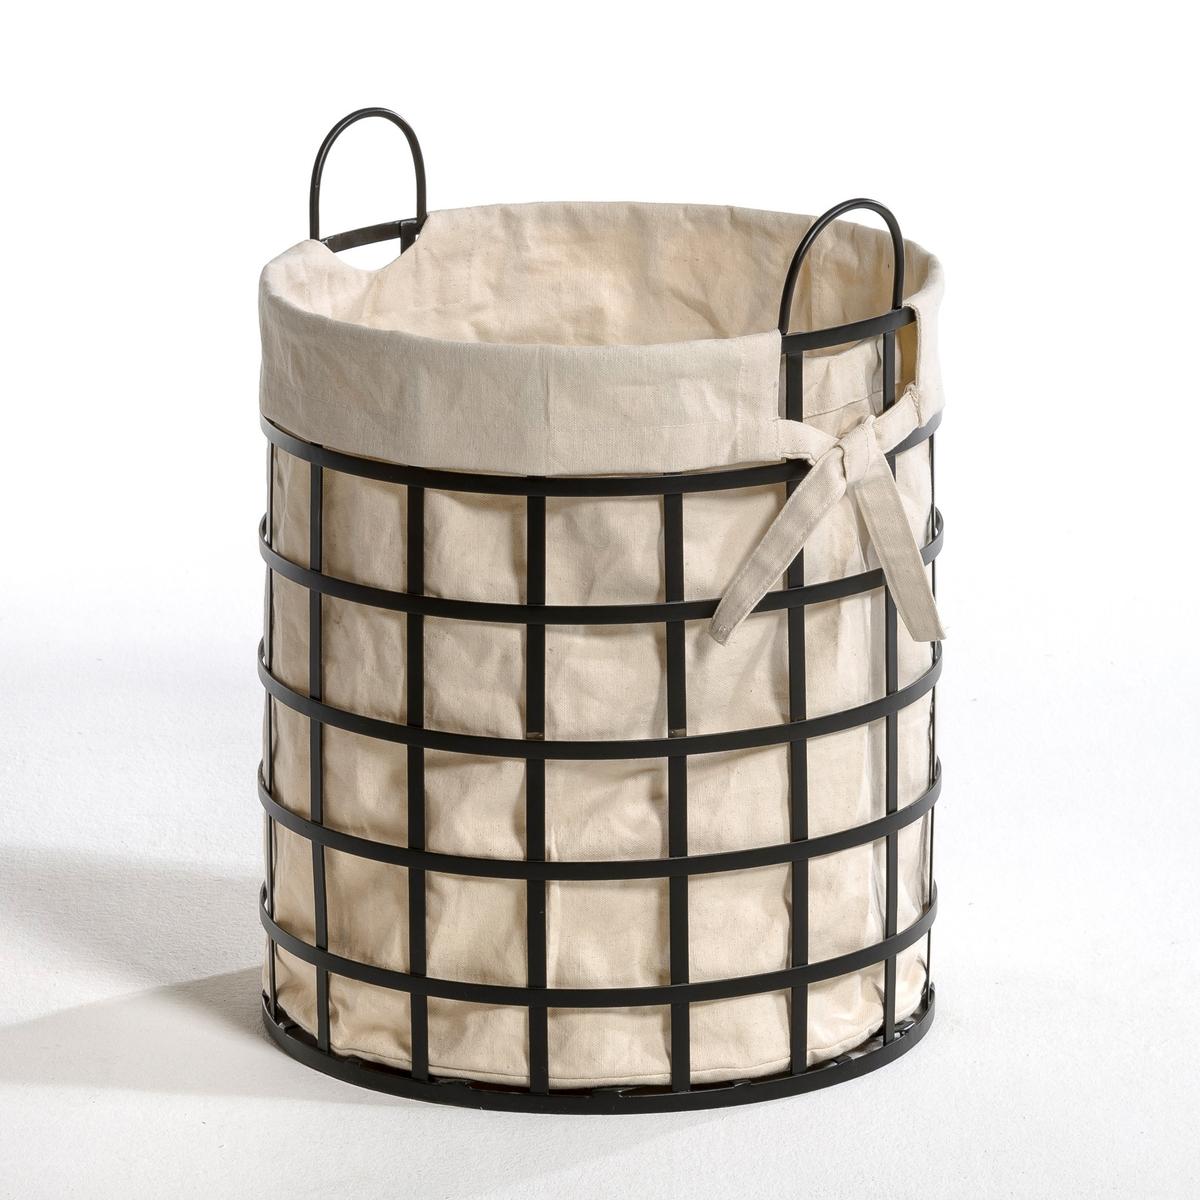 Корзина PublaniКрасивая и функциональная корзина для белья.Характеристики:- Каркас: пластины из плетеного металла. - 2 ручки.- Хлопчатобумажная съемная сумка. Размеры:- ?.38 x В.50,5 см.<br><br>Цвет: белый/ черный